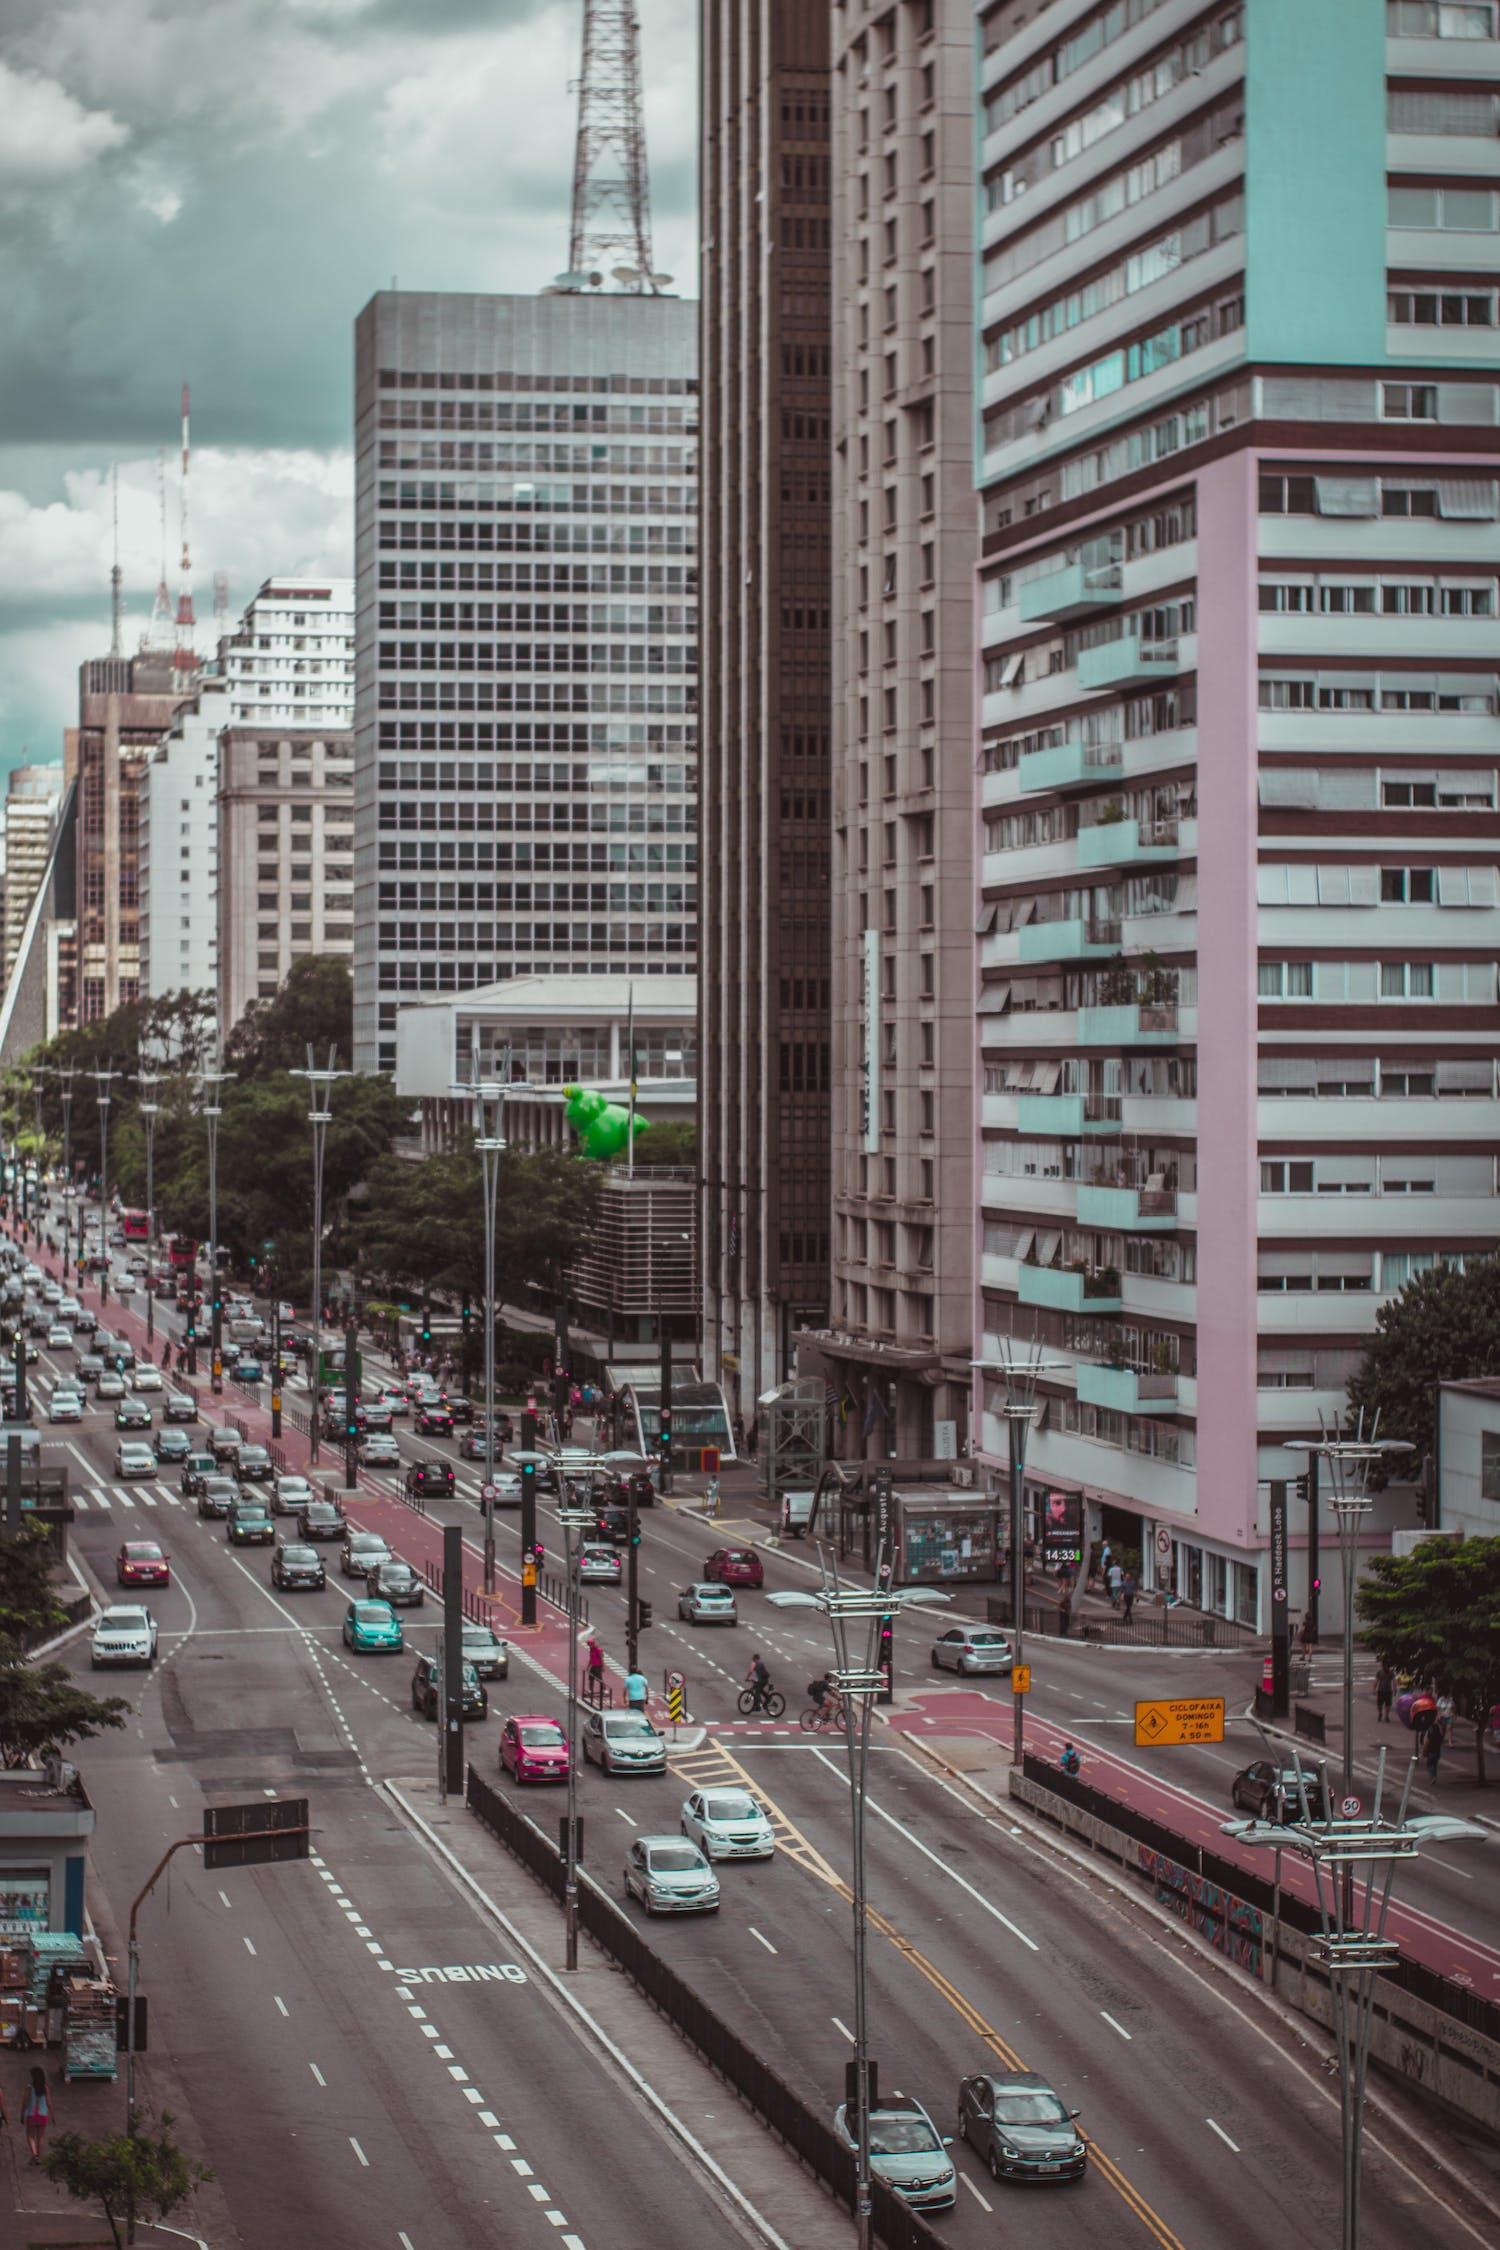 都市天际线自信人口_都市天际线真实人口(3)